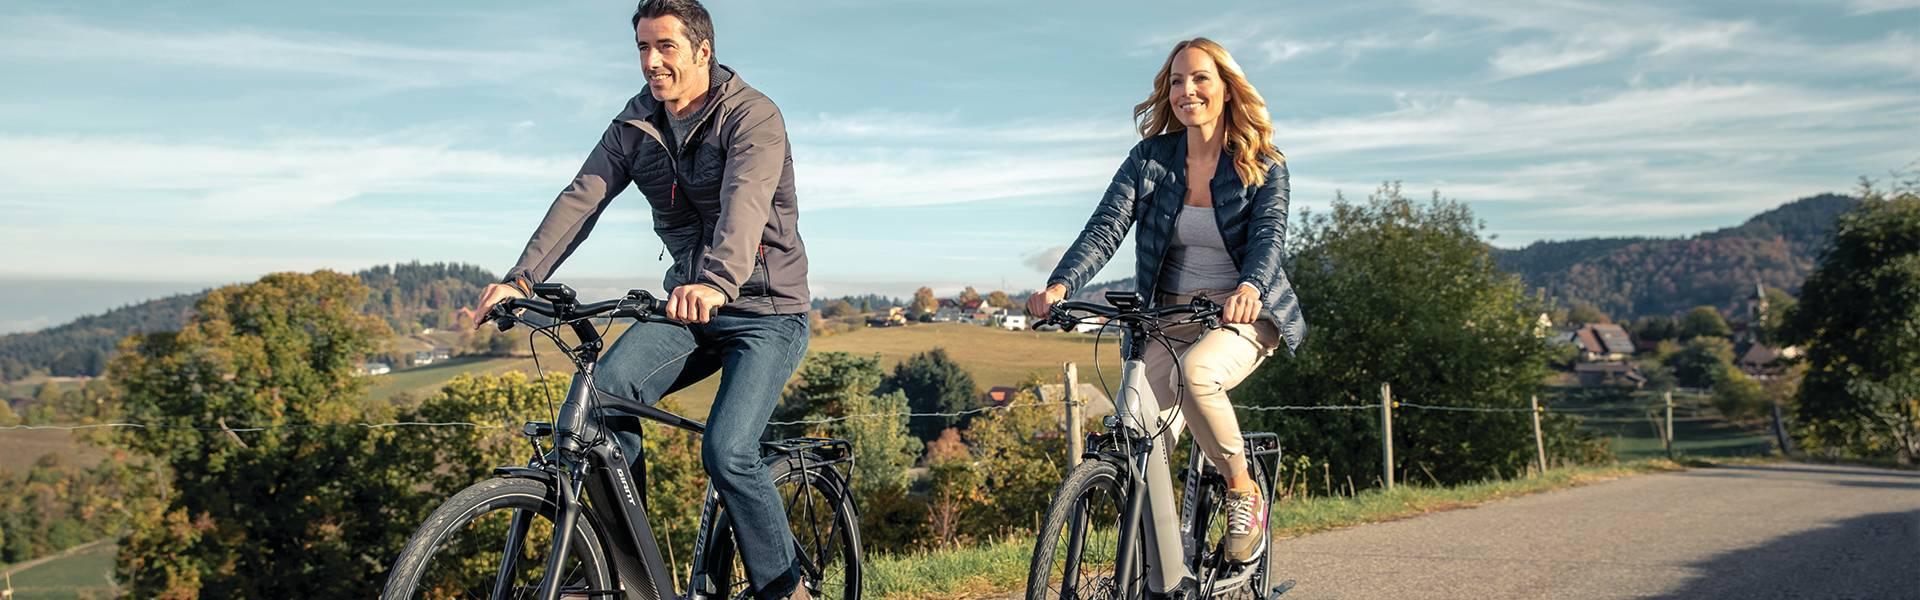 Ein Paar im Urlaub mit dem Giant Anytour e-Bikes mit viel Farkomfort